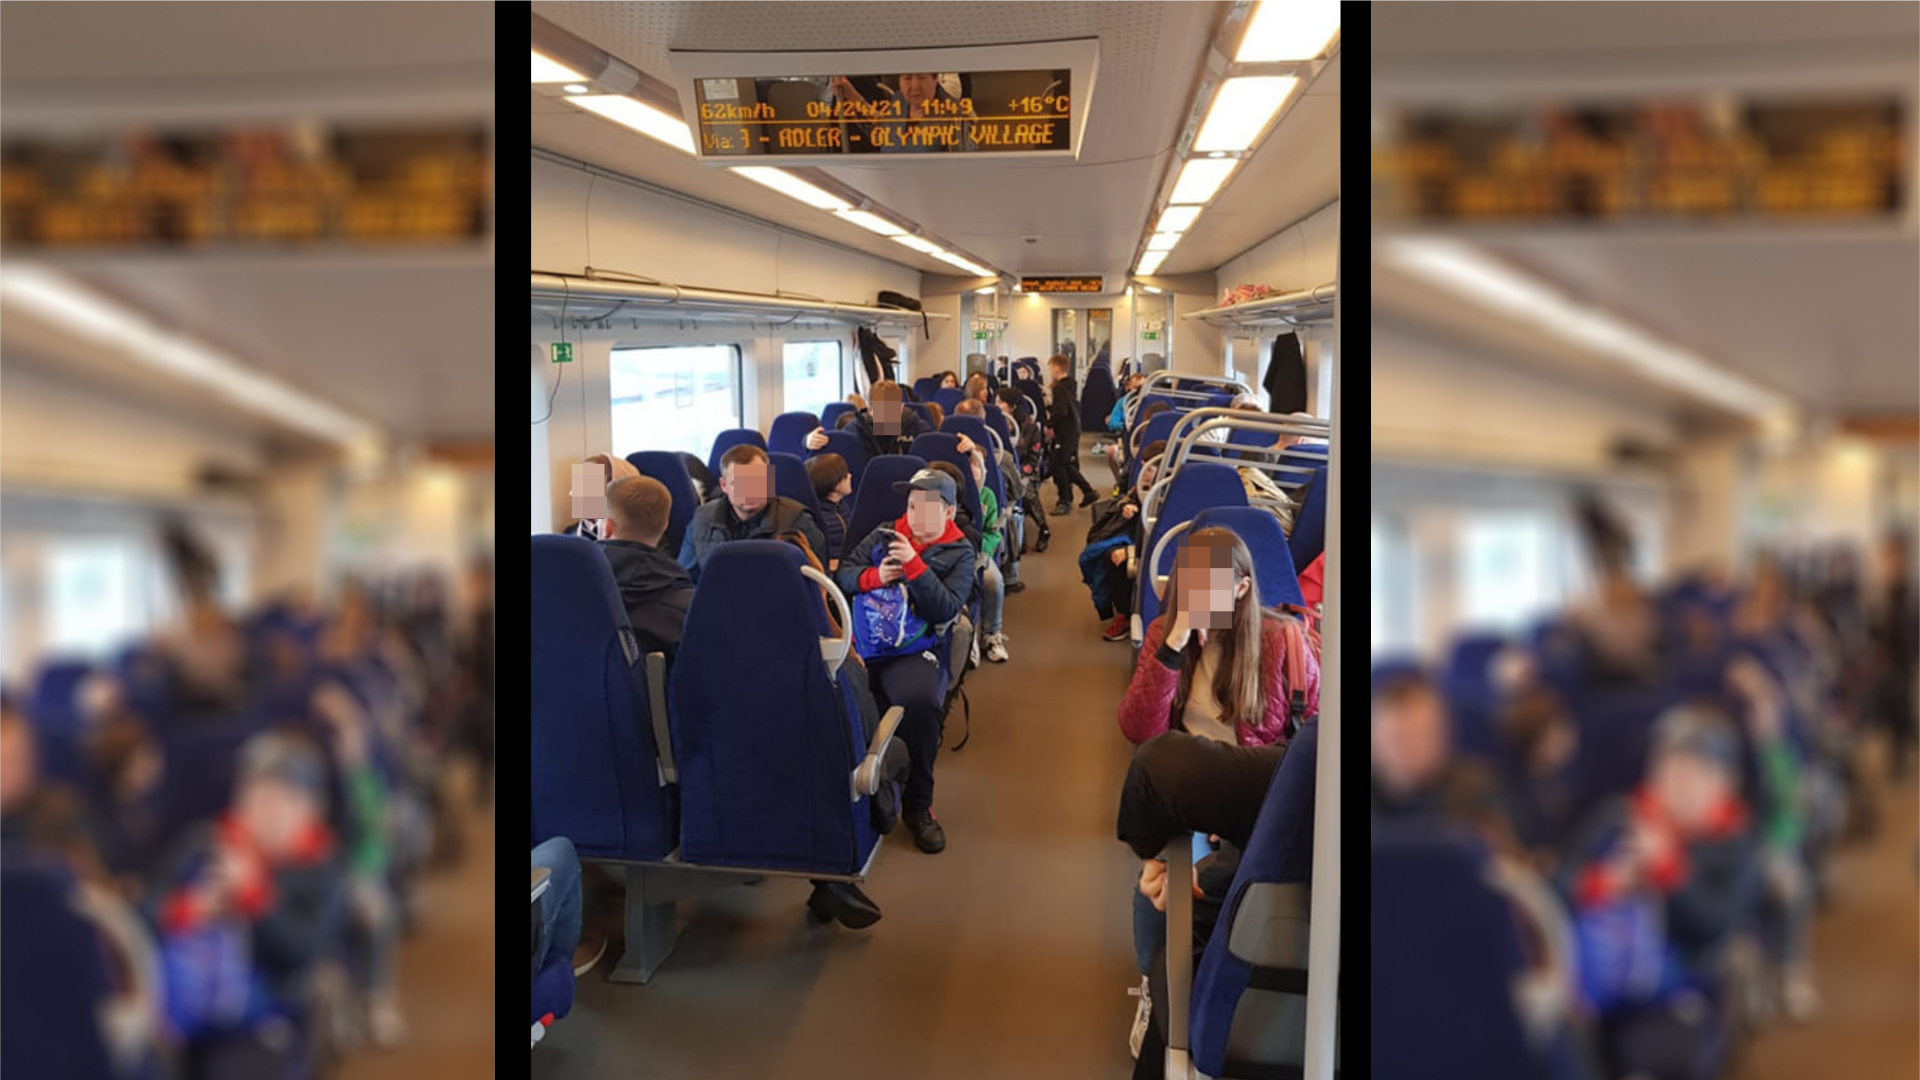 In Russland gilt eine Maskenpflicht in öffentlichen Verkehrsmitteln